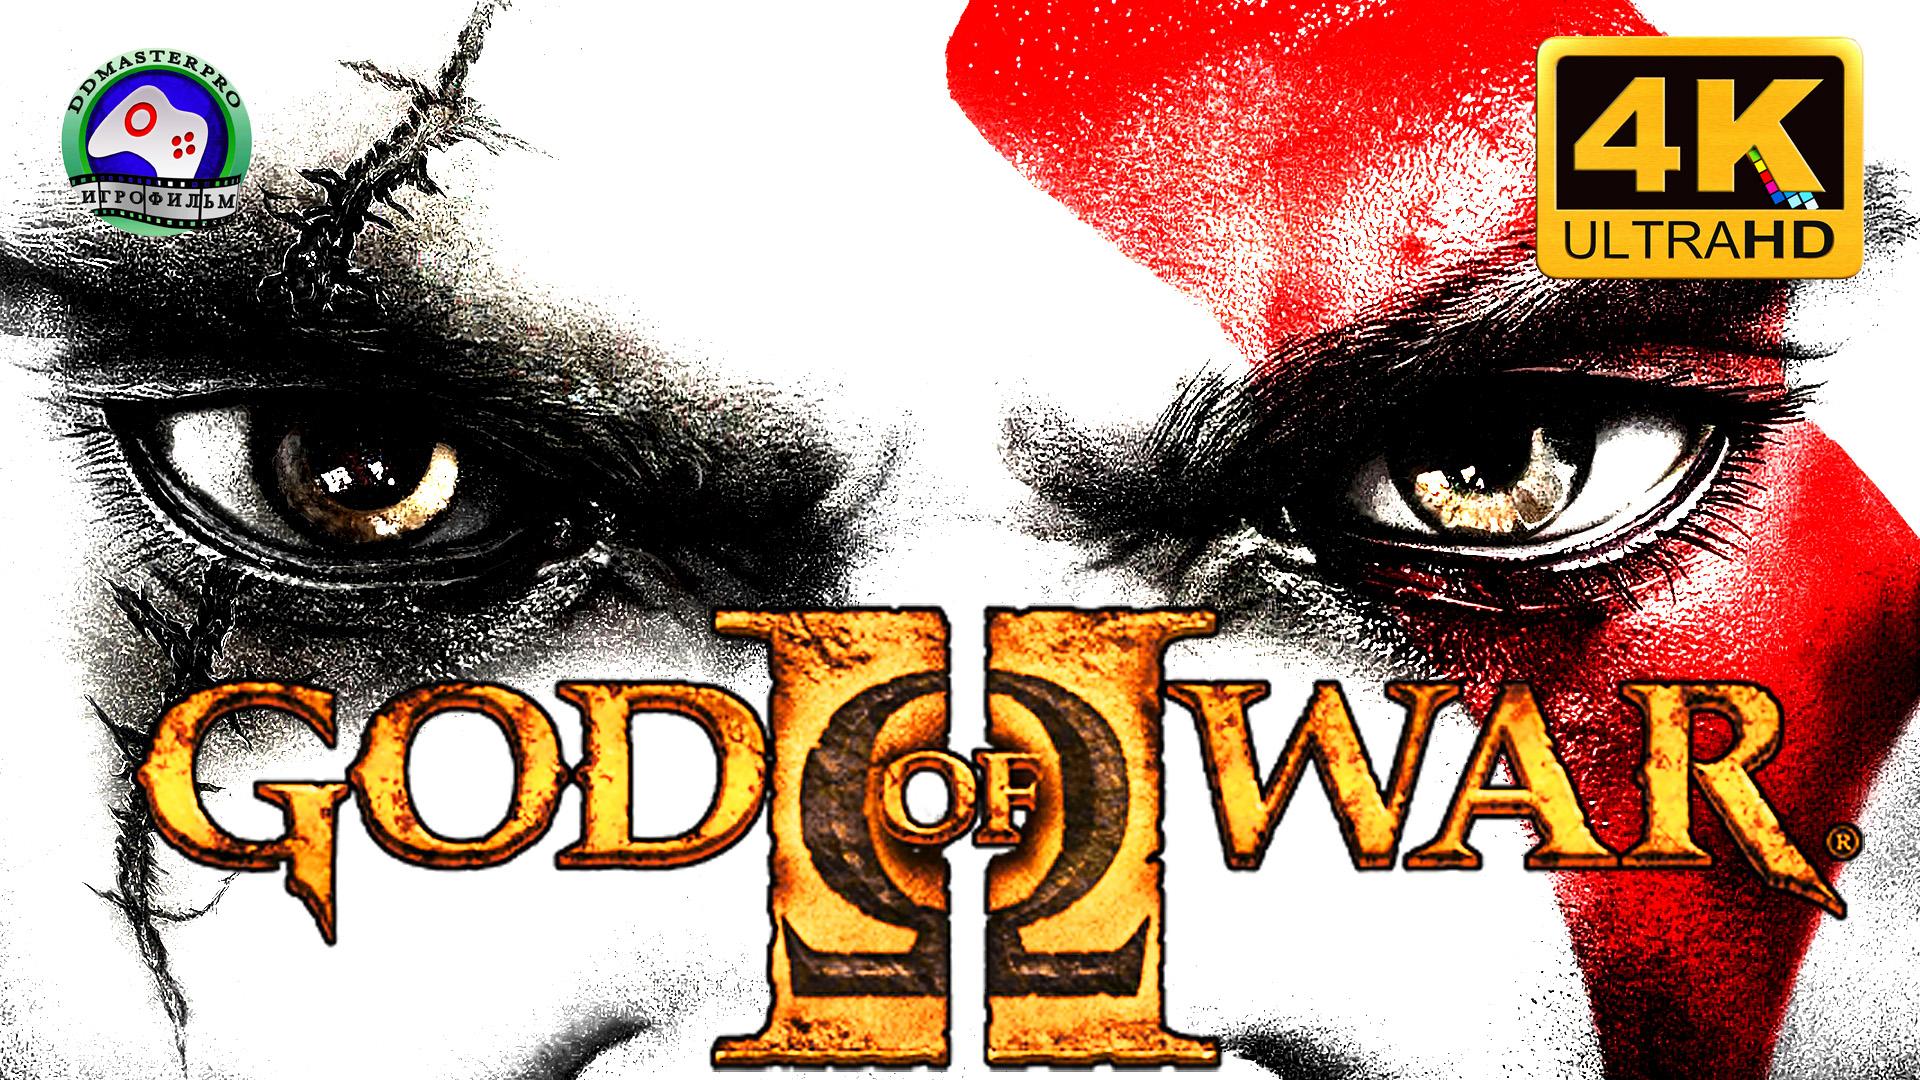 Бог Войны 2 ИГРОФИЛЬМ God of War 2 прохождение без комментариев 4K 60FPS сюжет фэнтези